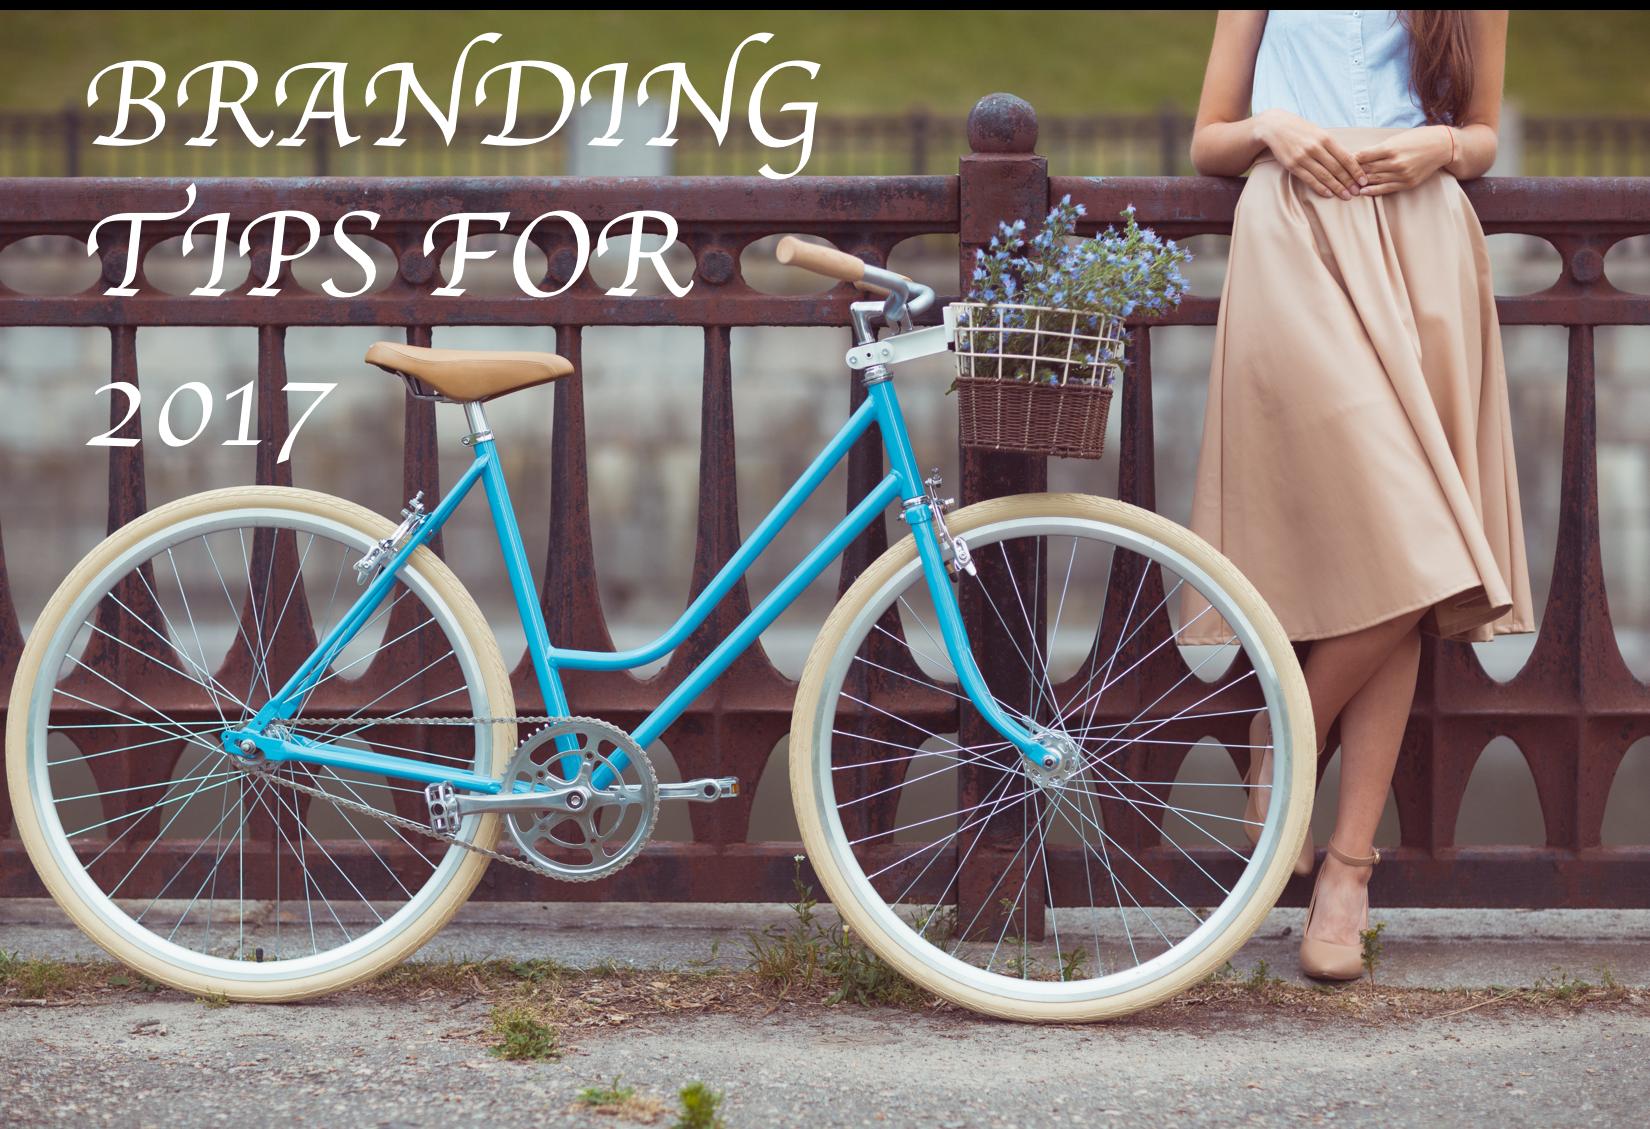 Branding Tips for 2017